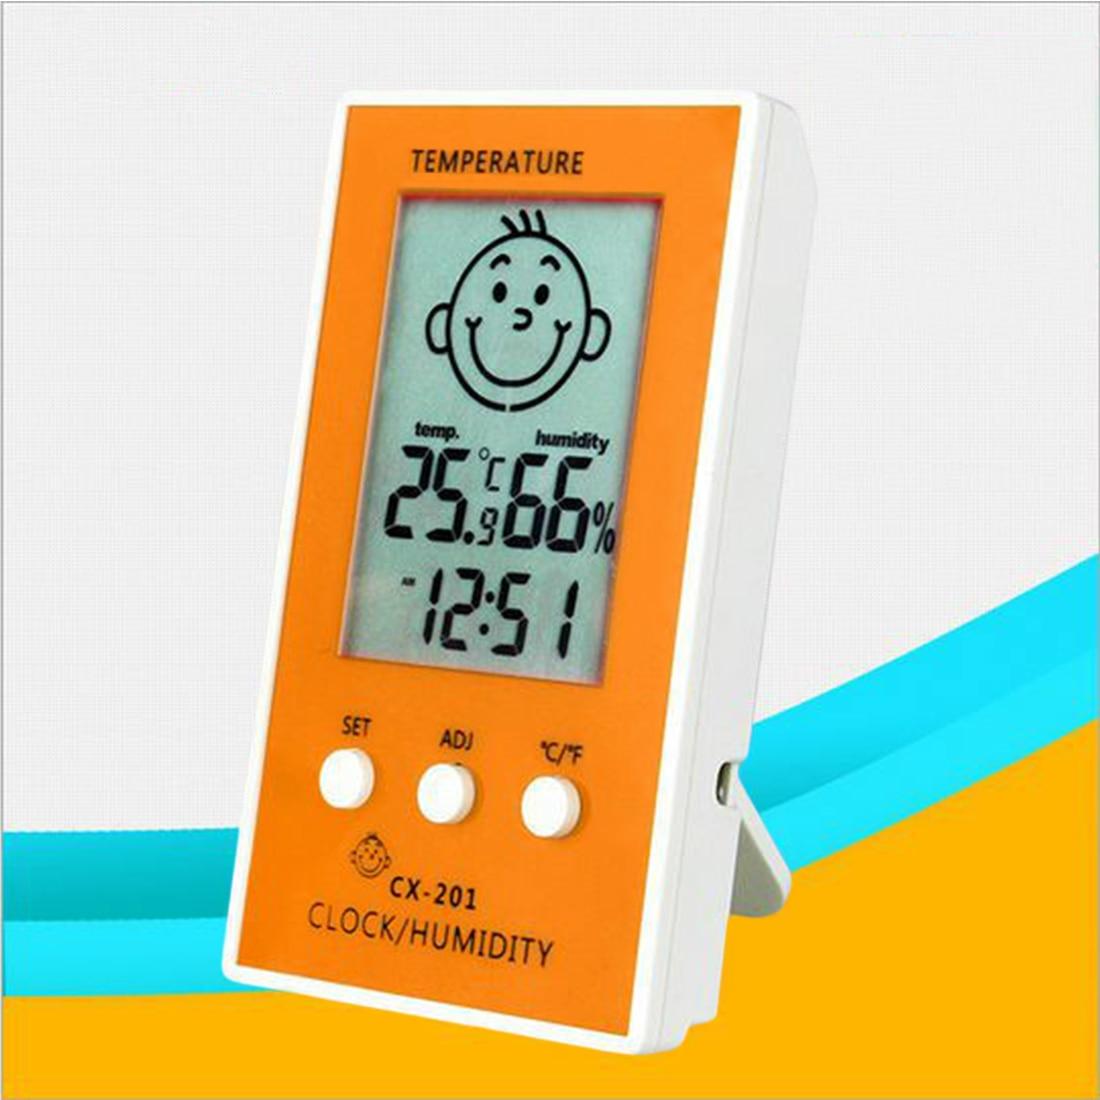 1 Stücke Präzise Hygrometer Digitale Uhr Temperatur Logger Feuchtigkeit Meter Thermometre Higrometre Indoor Outdoor Thermometer SchöNer Auftritt